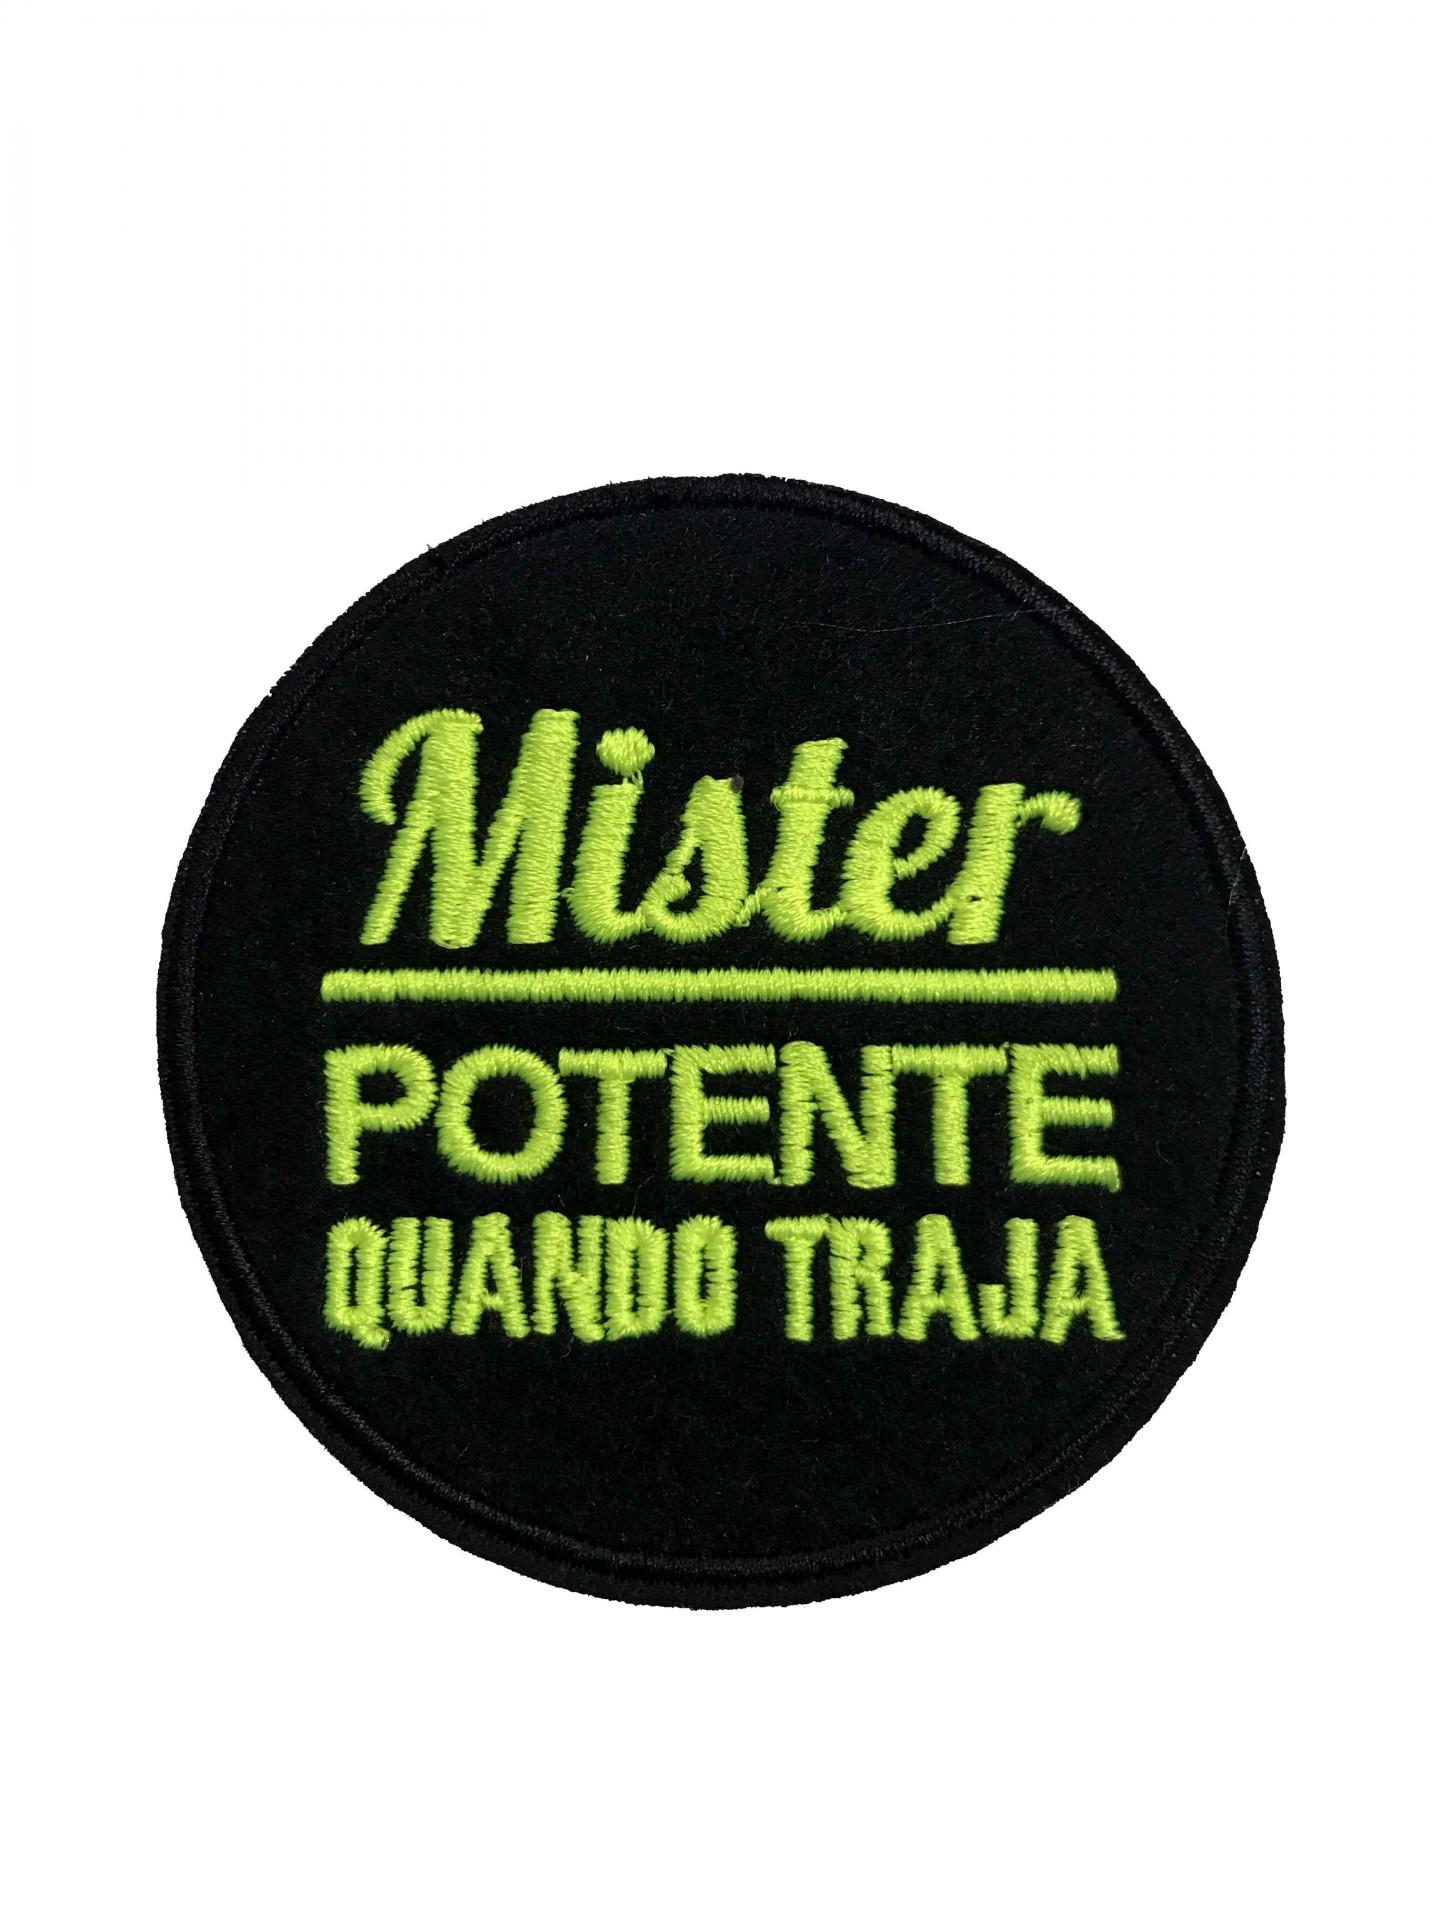 Emblema Mister potente quando traja